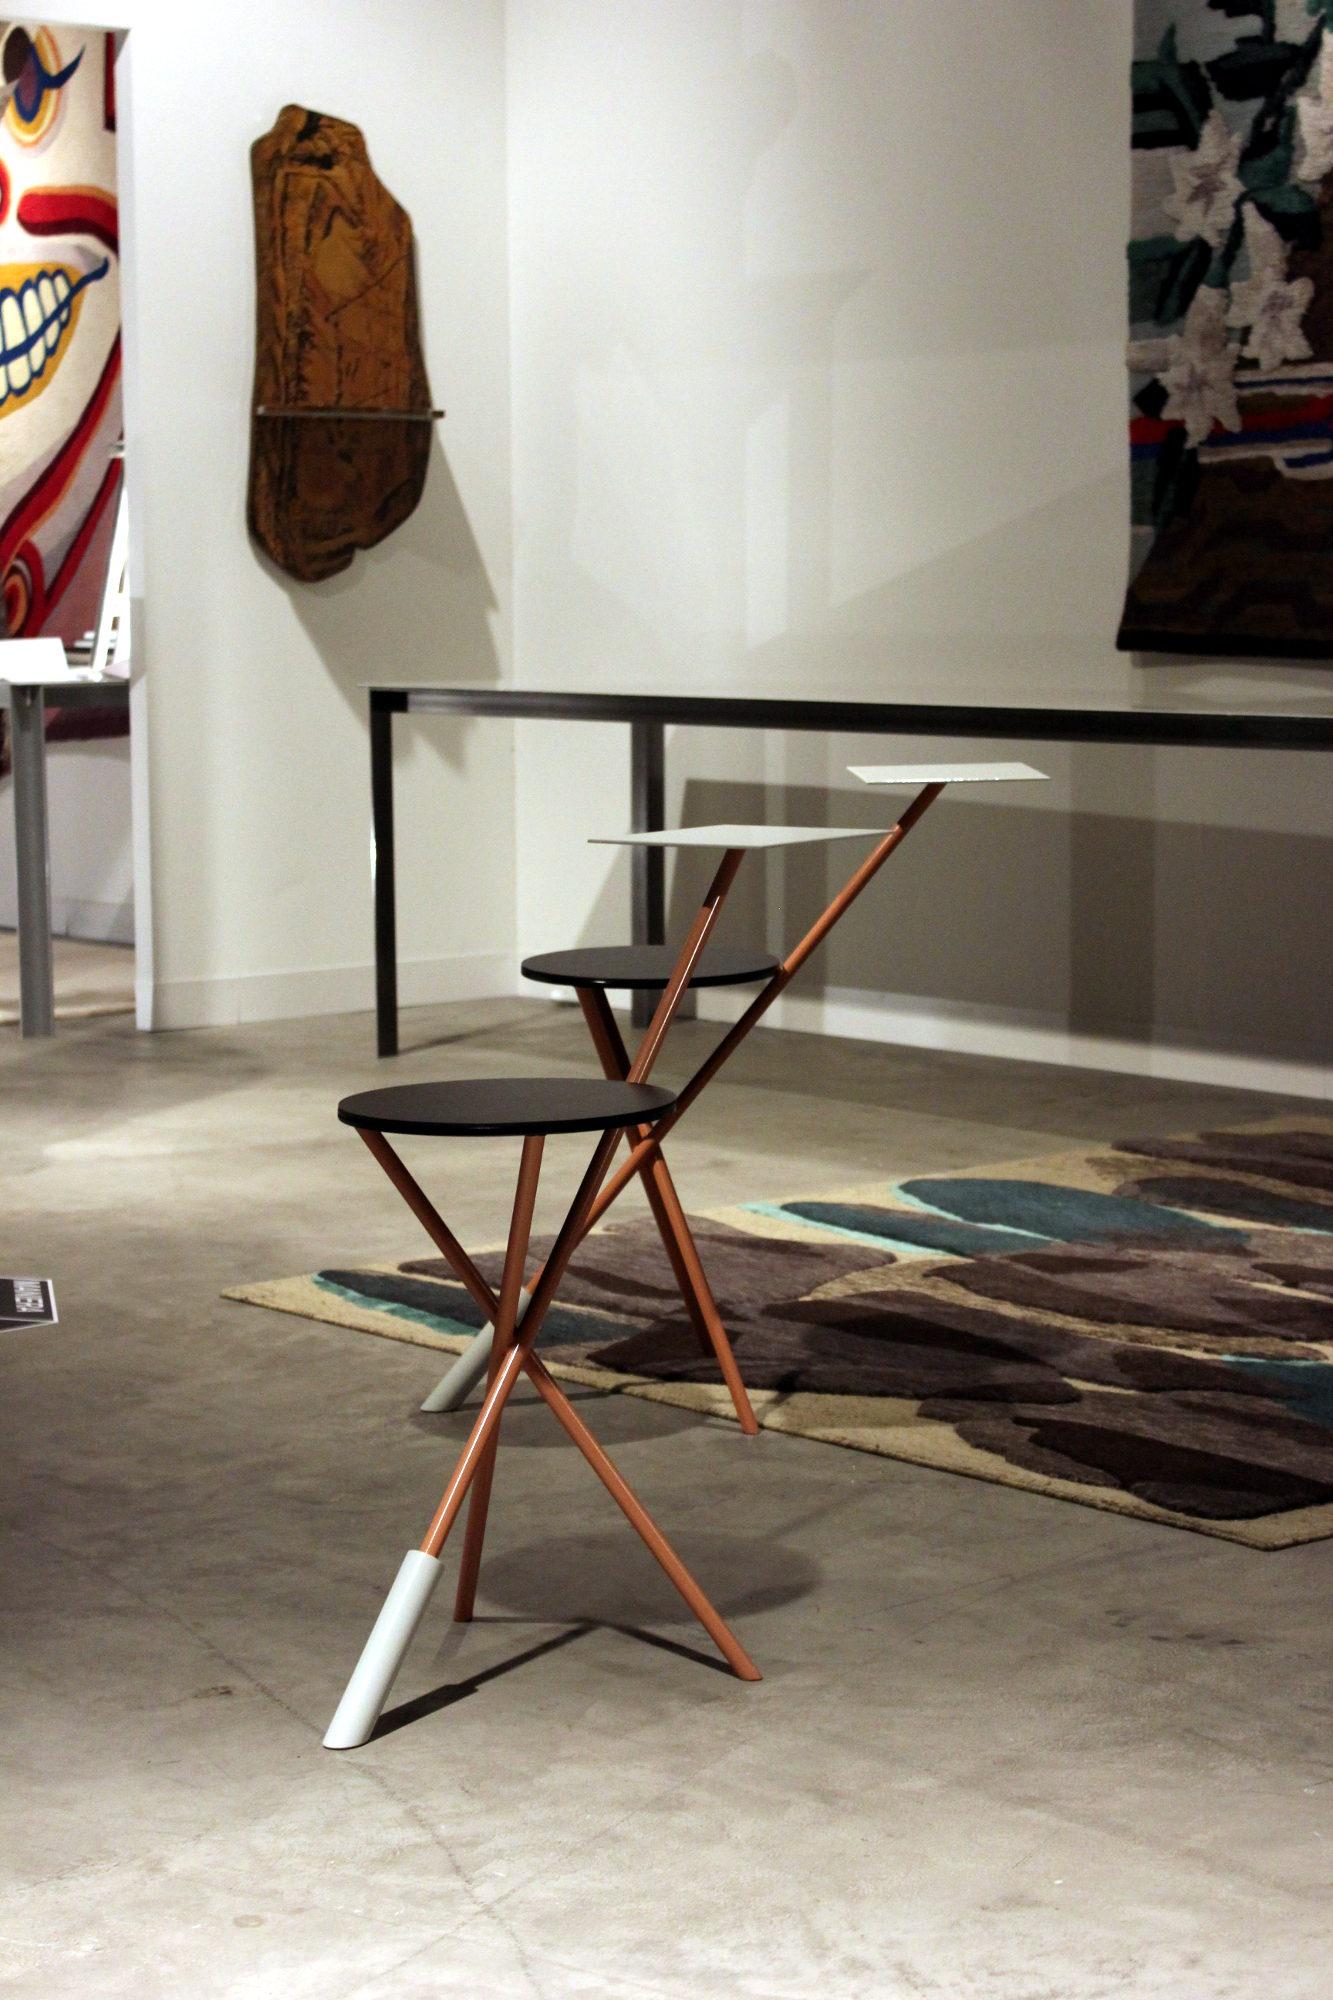 Dagegen hat der Solo Chair bei Maniera kaum eine Chance: Ausgehend von einem in der Moderne immer wieder auftauchenden Dreibeiner haben die Entwerfer eine kleine Tischfläche hinzugefügt, die durch das Gegengewicht am vorderen Fuss ausbalanciert wird.